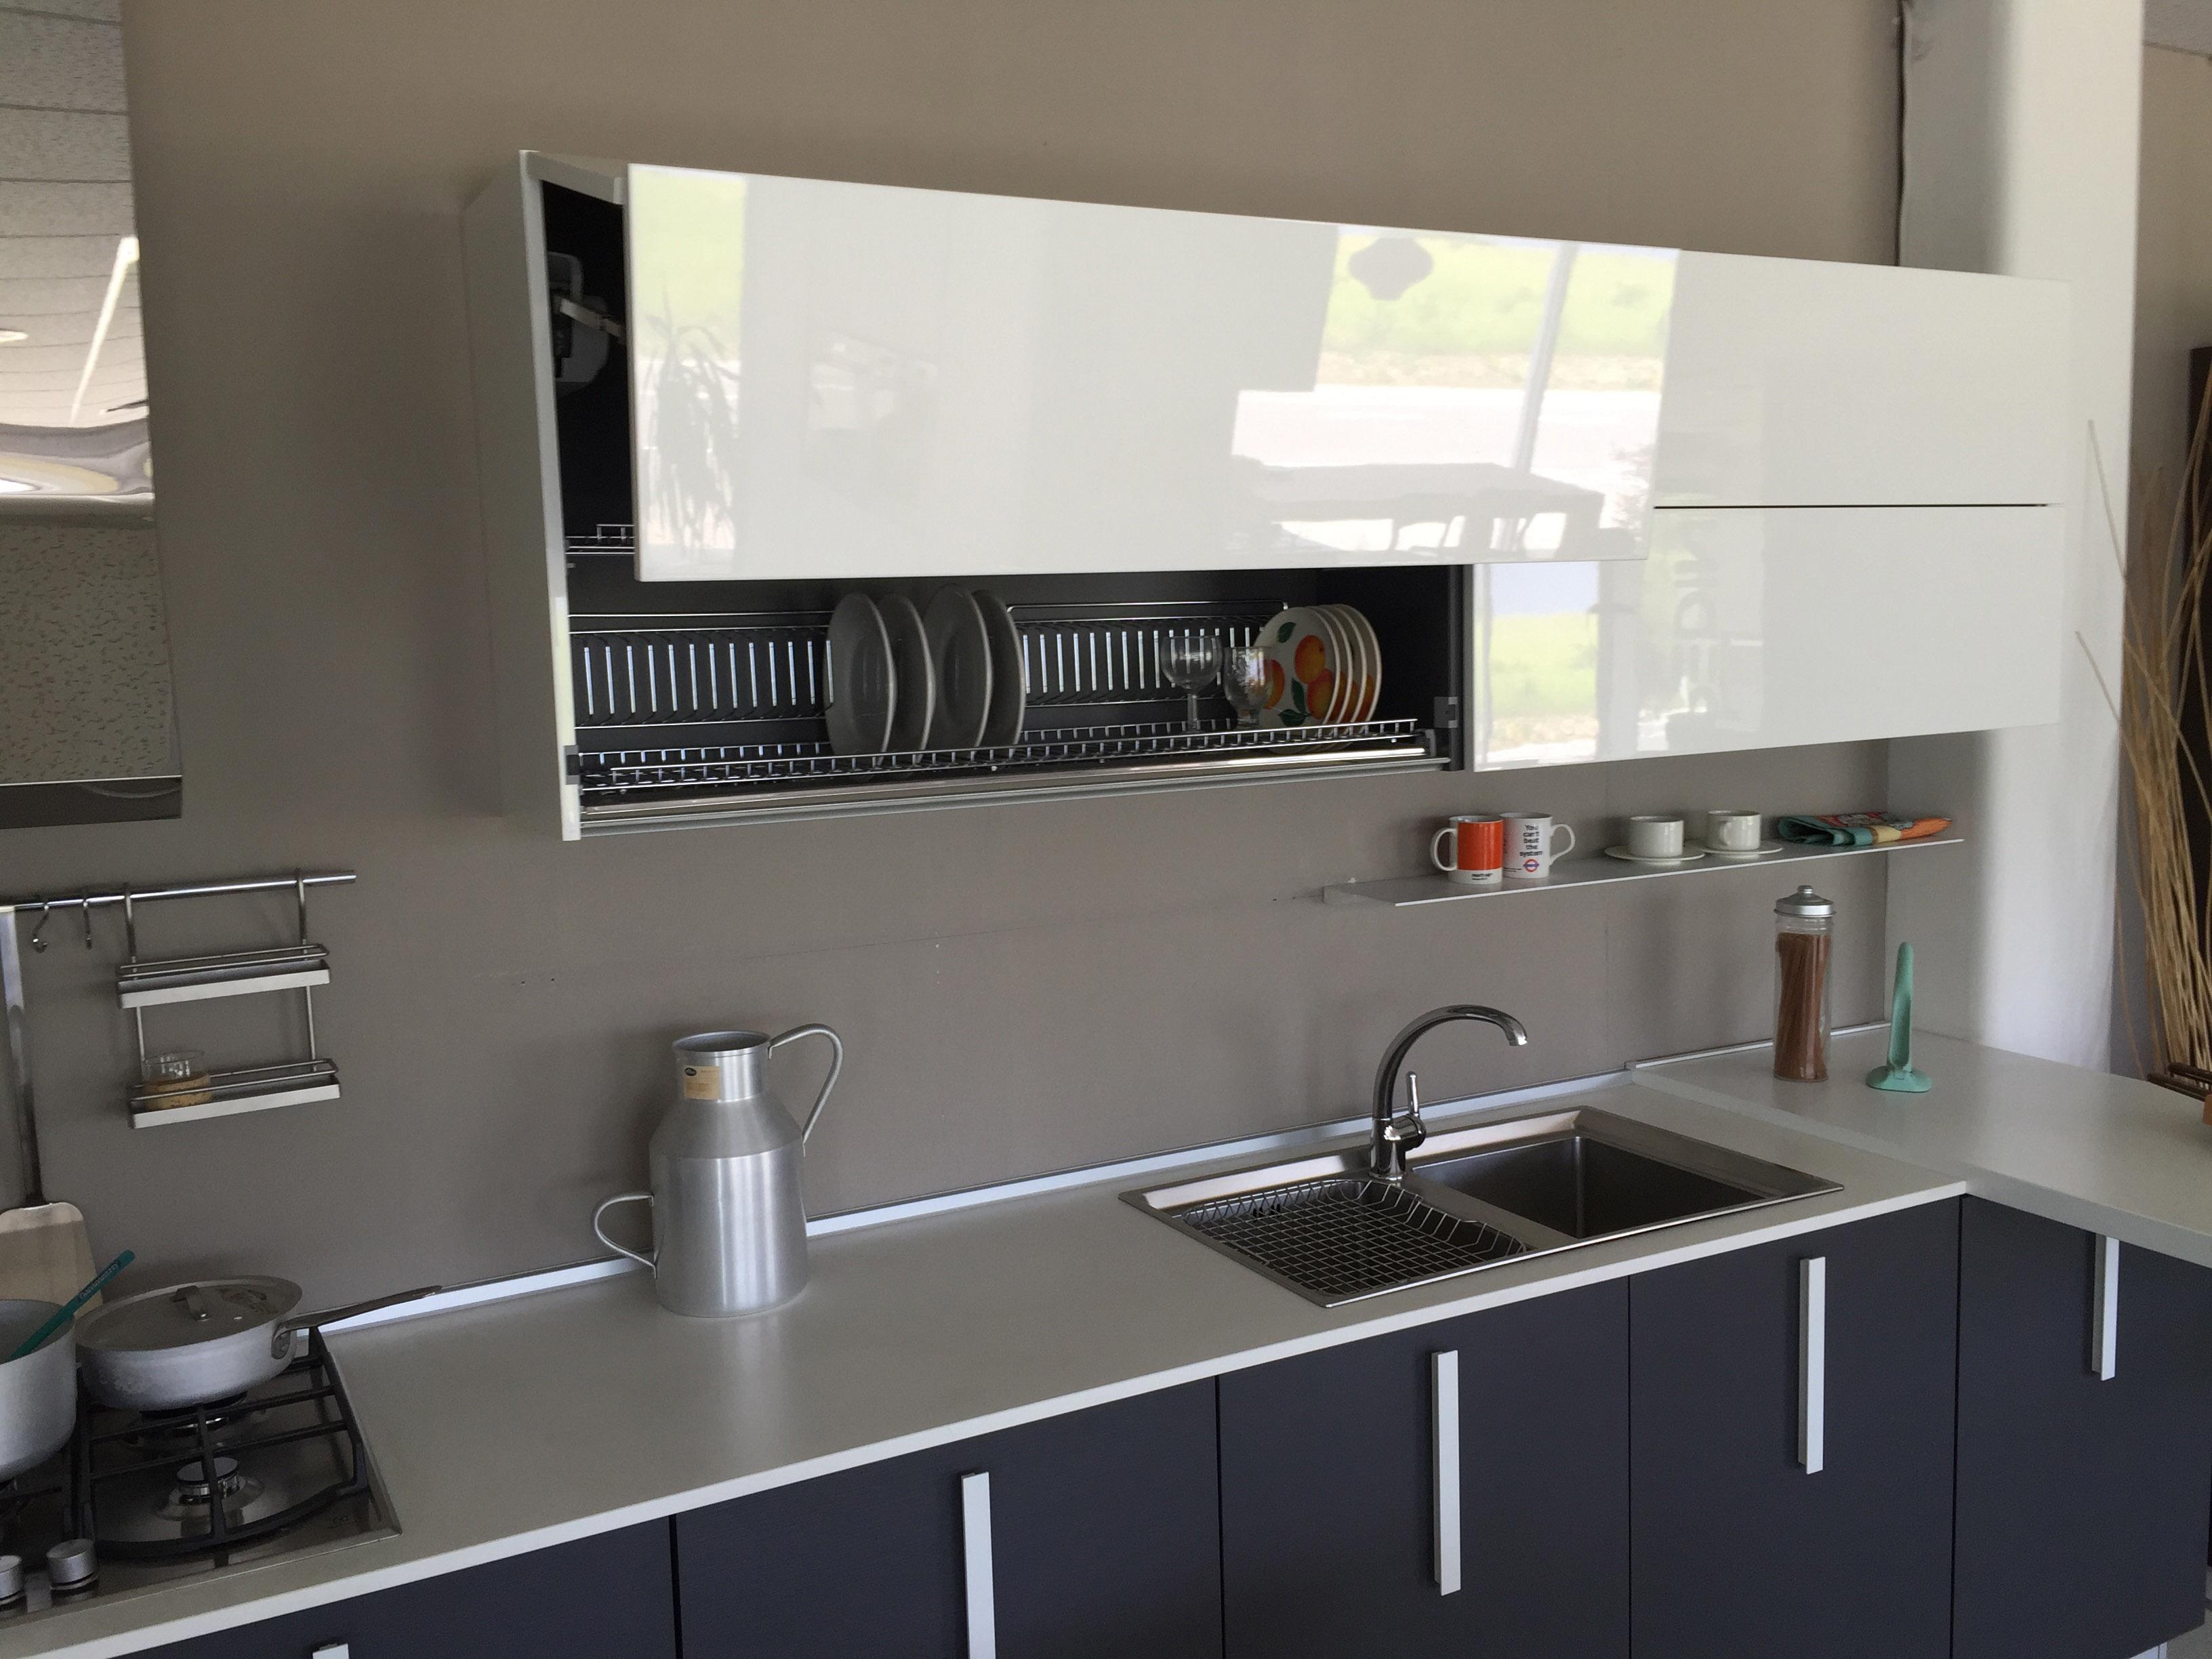 Idee cucina con penisola vr74 regardsdefemmes - Cucine moderne piccole ad angolo ...